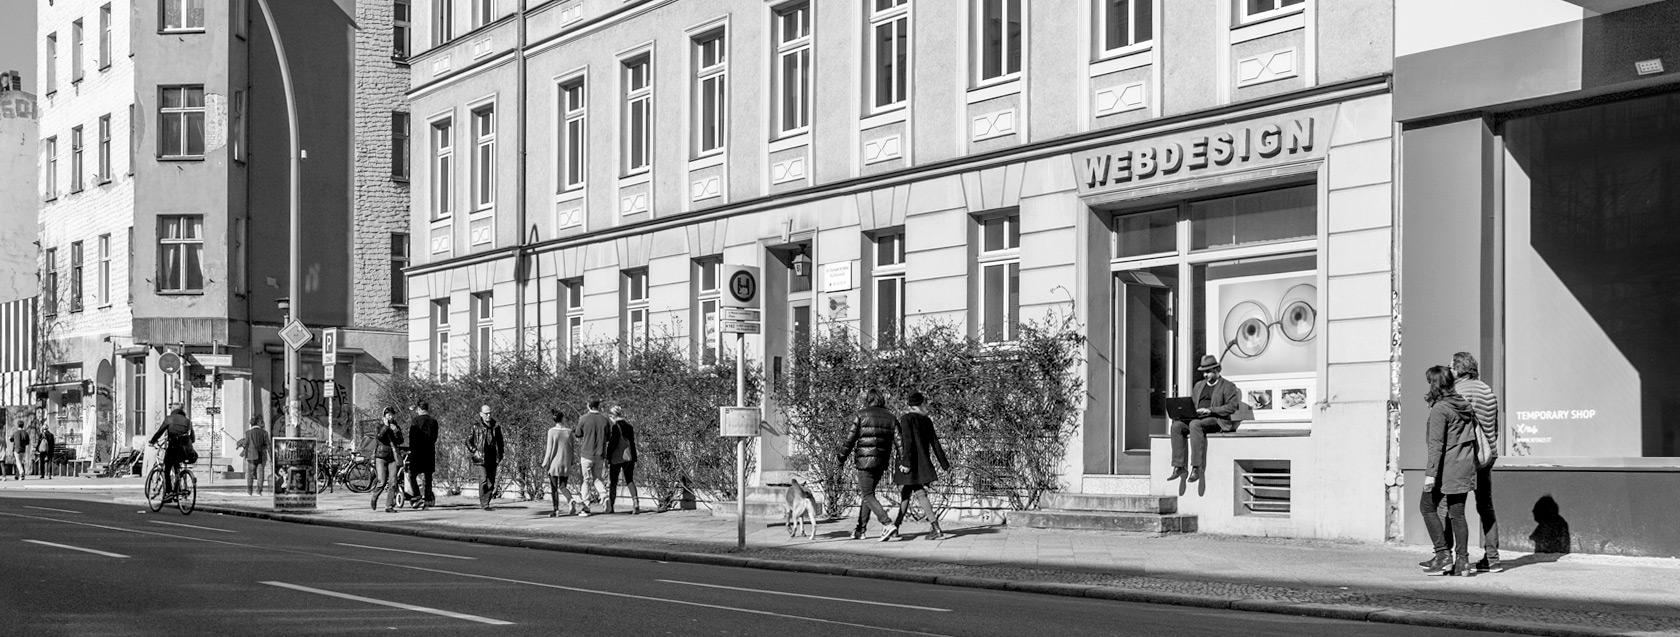 Webdesign Berlin: das Büro von Reister Webdesign in der Torstraße 61, Berlin Mitte